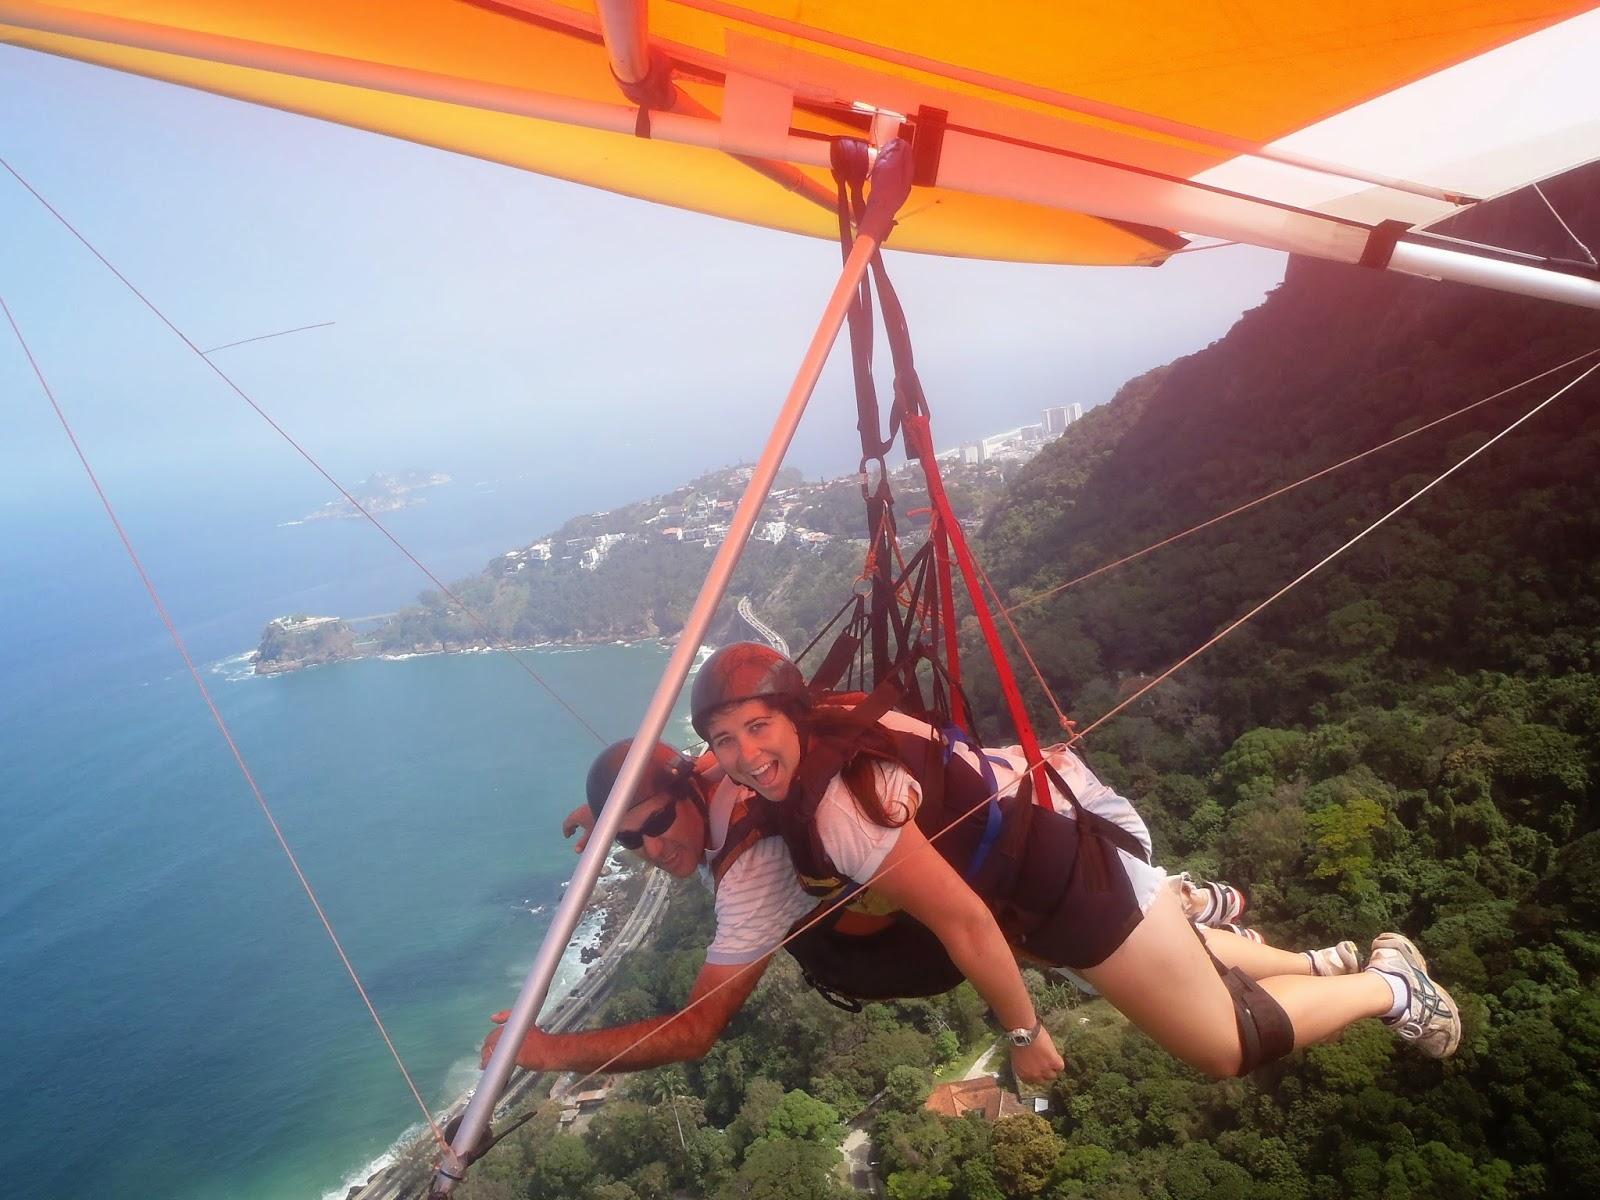 Hang Gliding over Rio de Janeiro